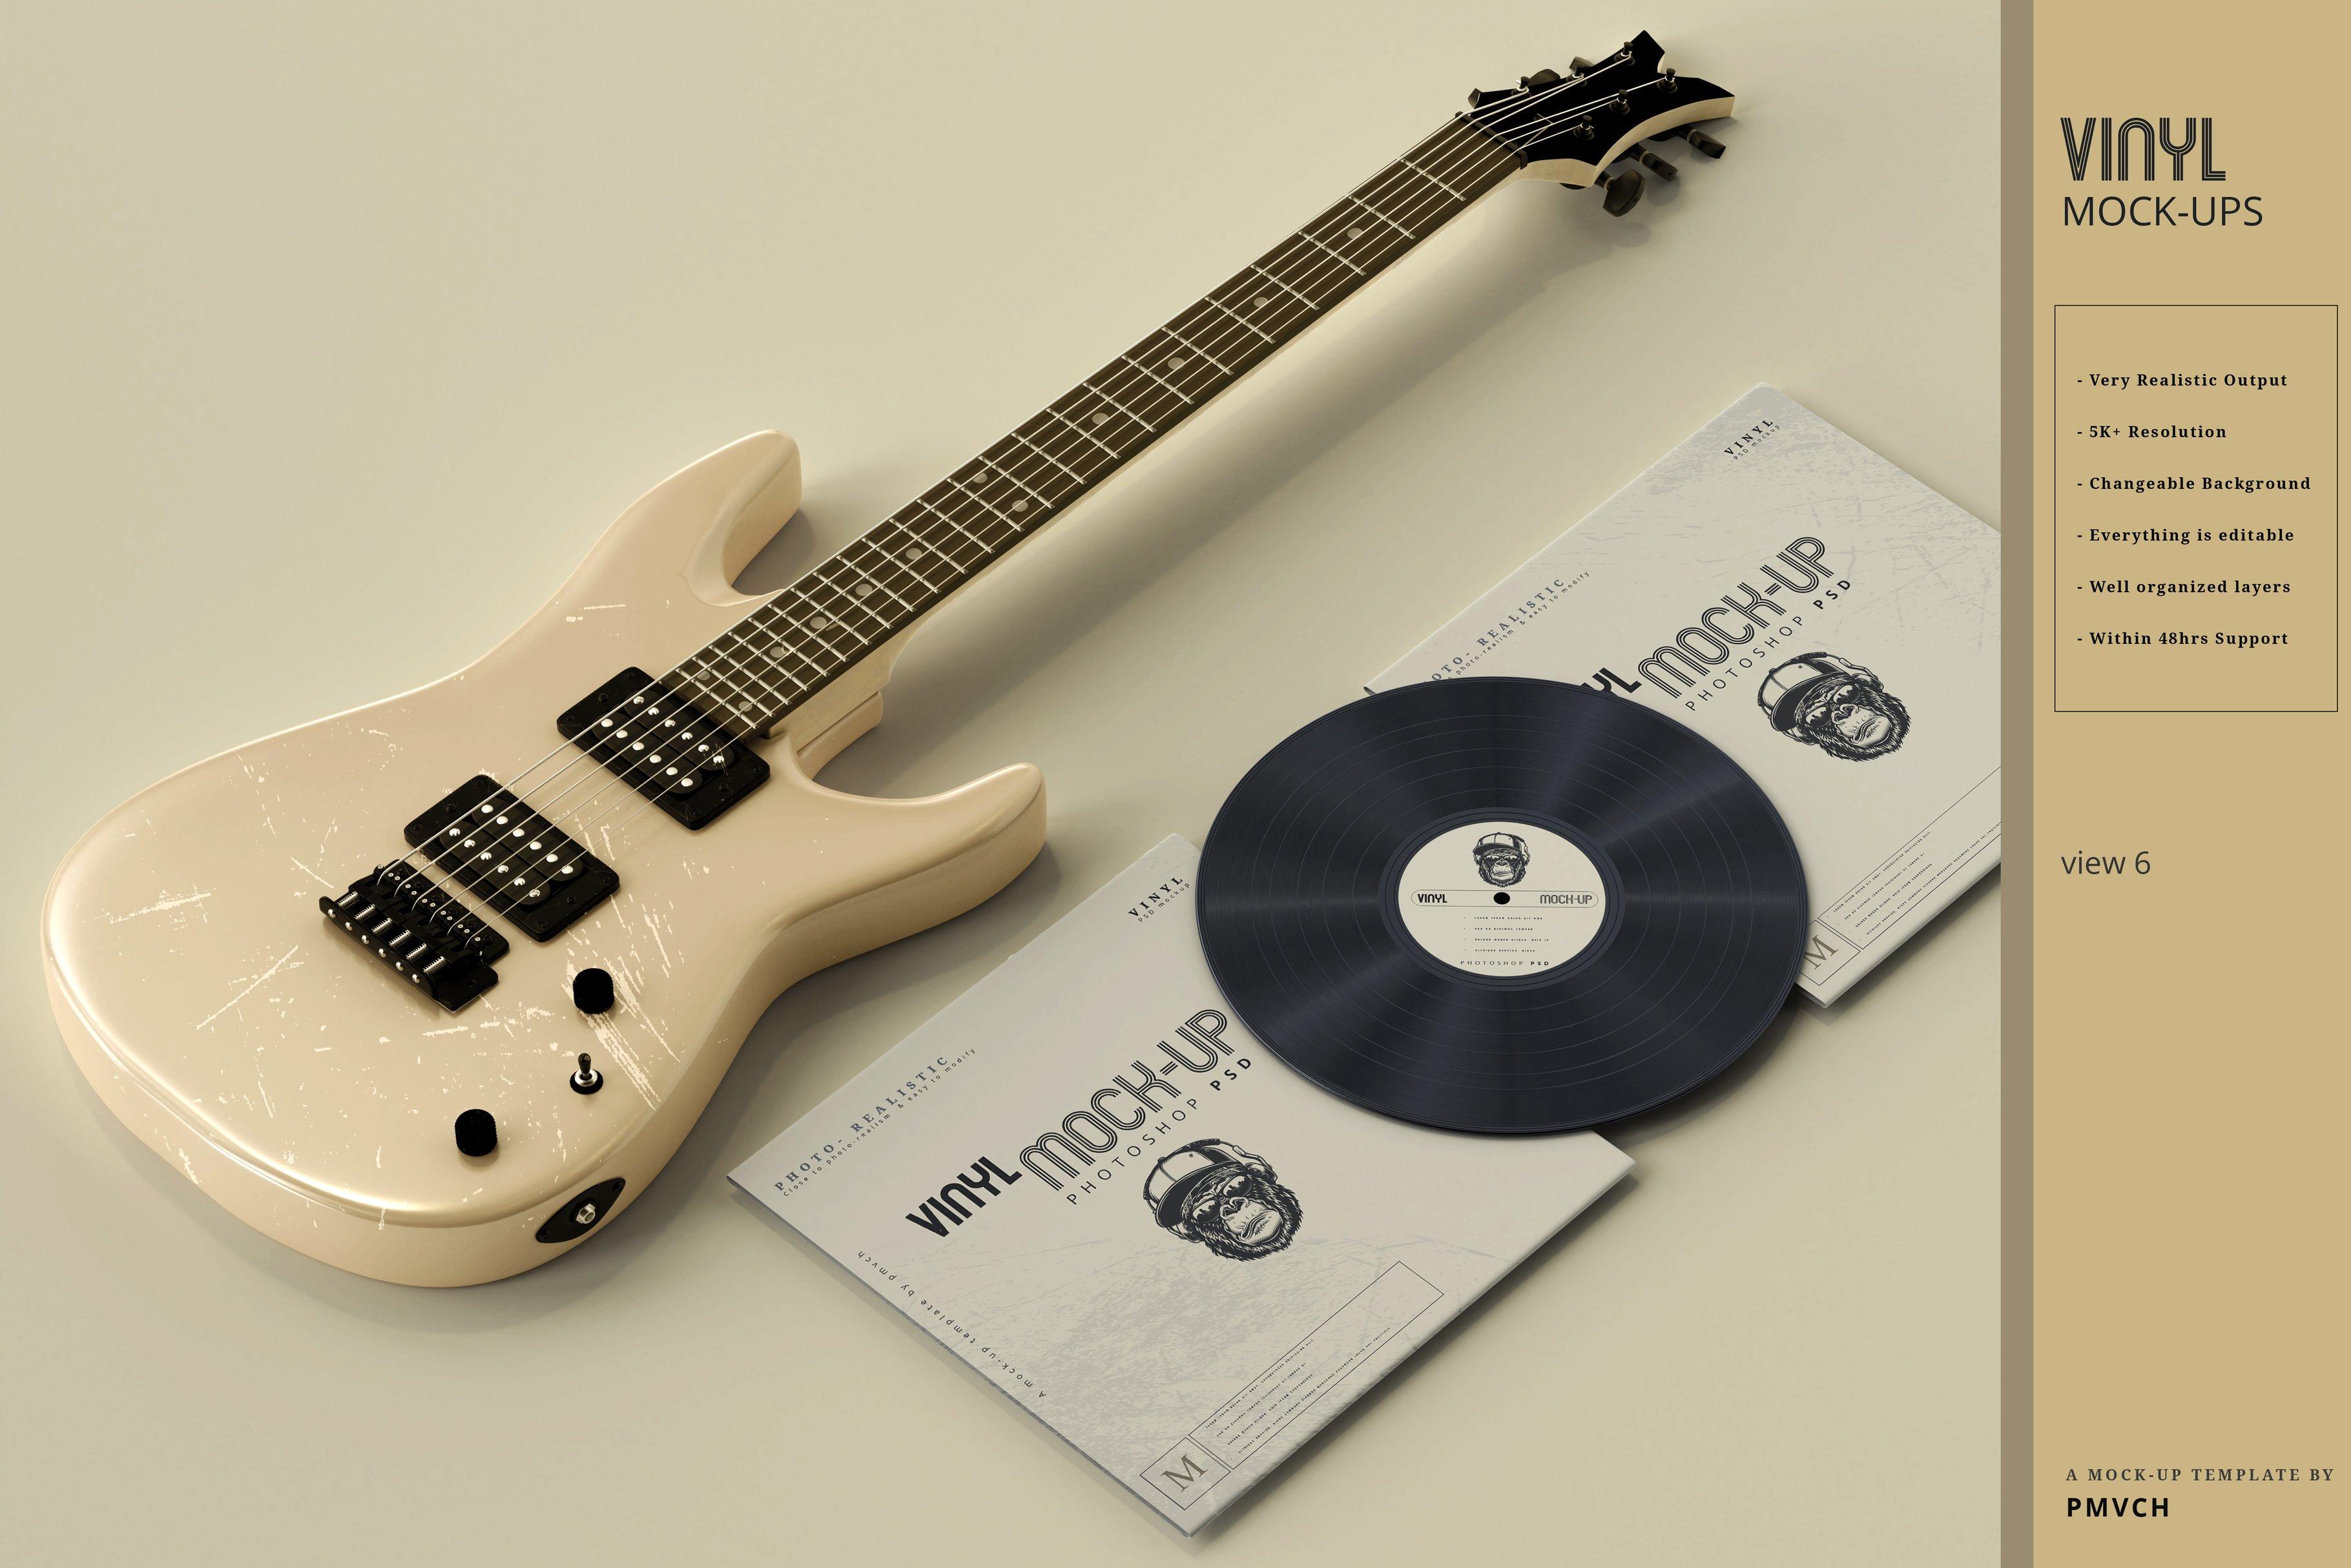 复古逼真黑胶唱片包装纸袋设计贴图样机模板 Vinyl Mockups插图(5)